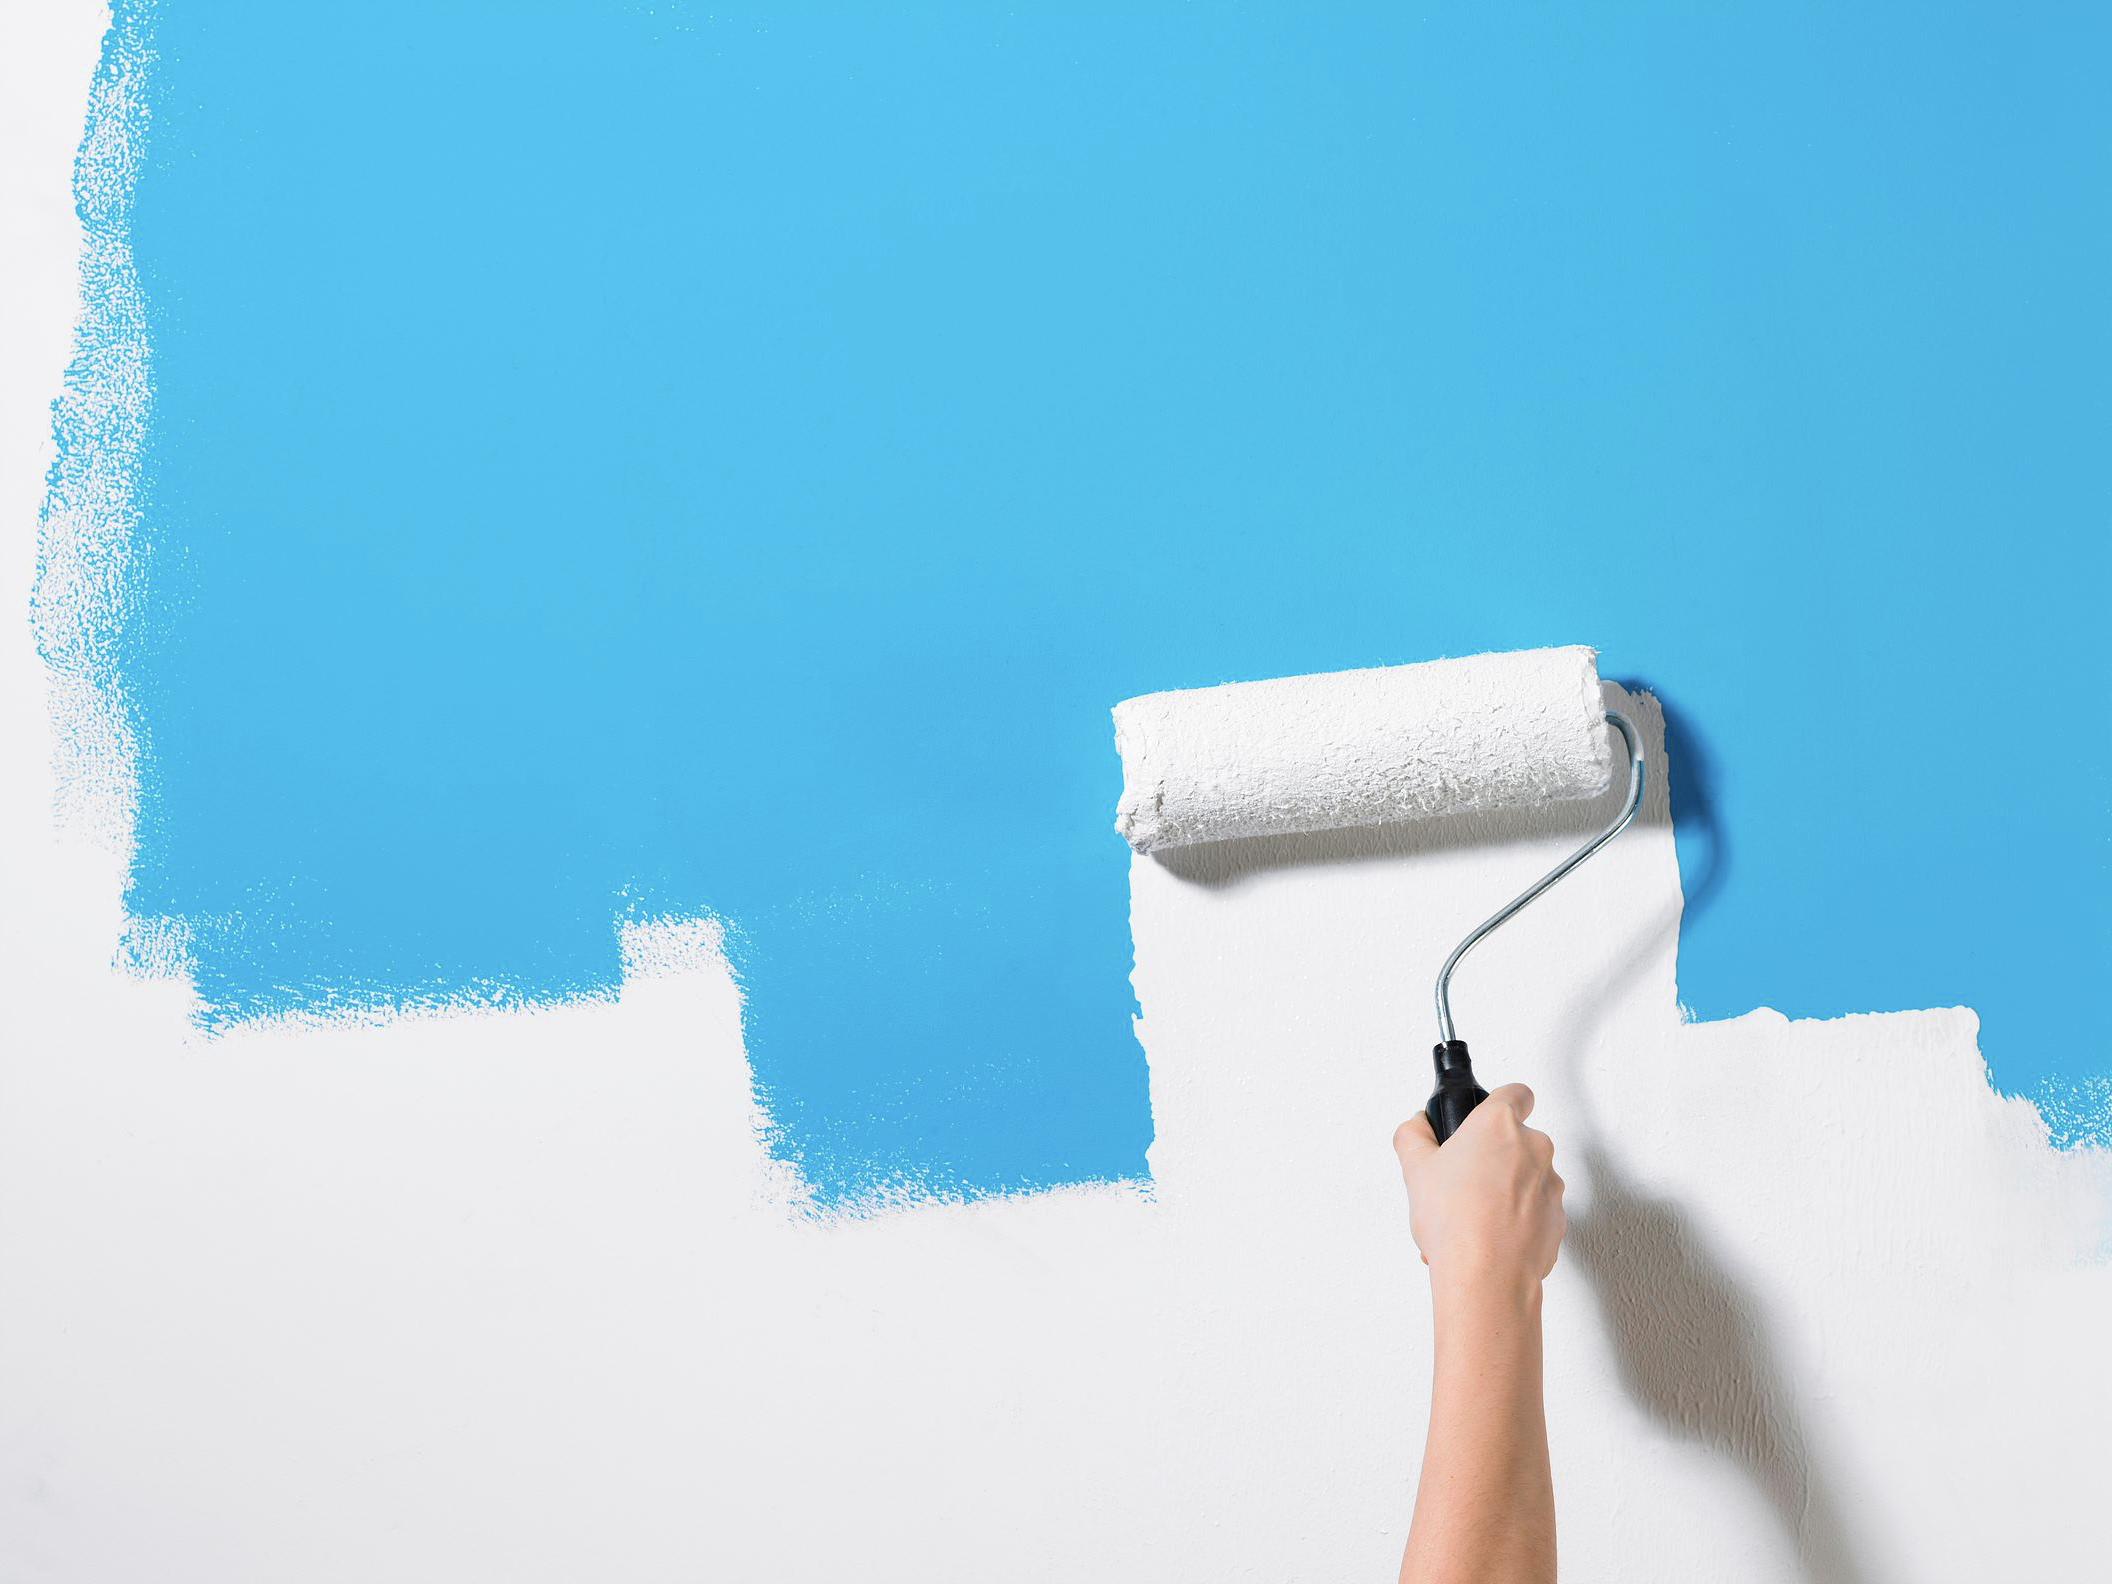 pasos para pintar con cal horcalsa guatemala progreso latam